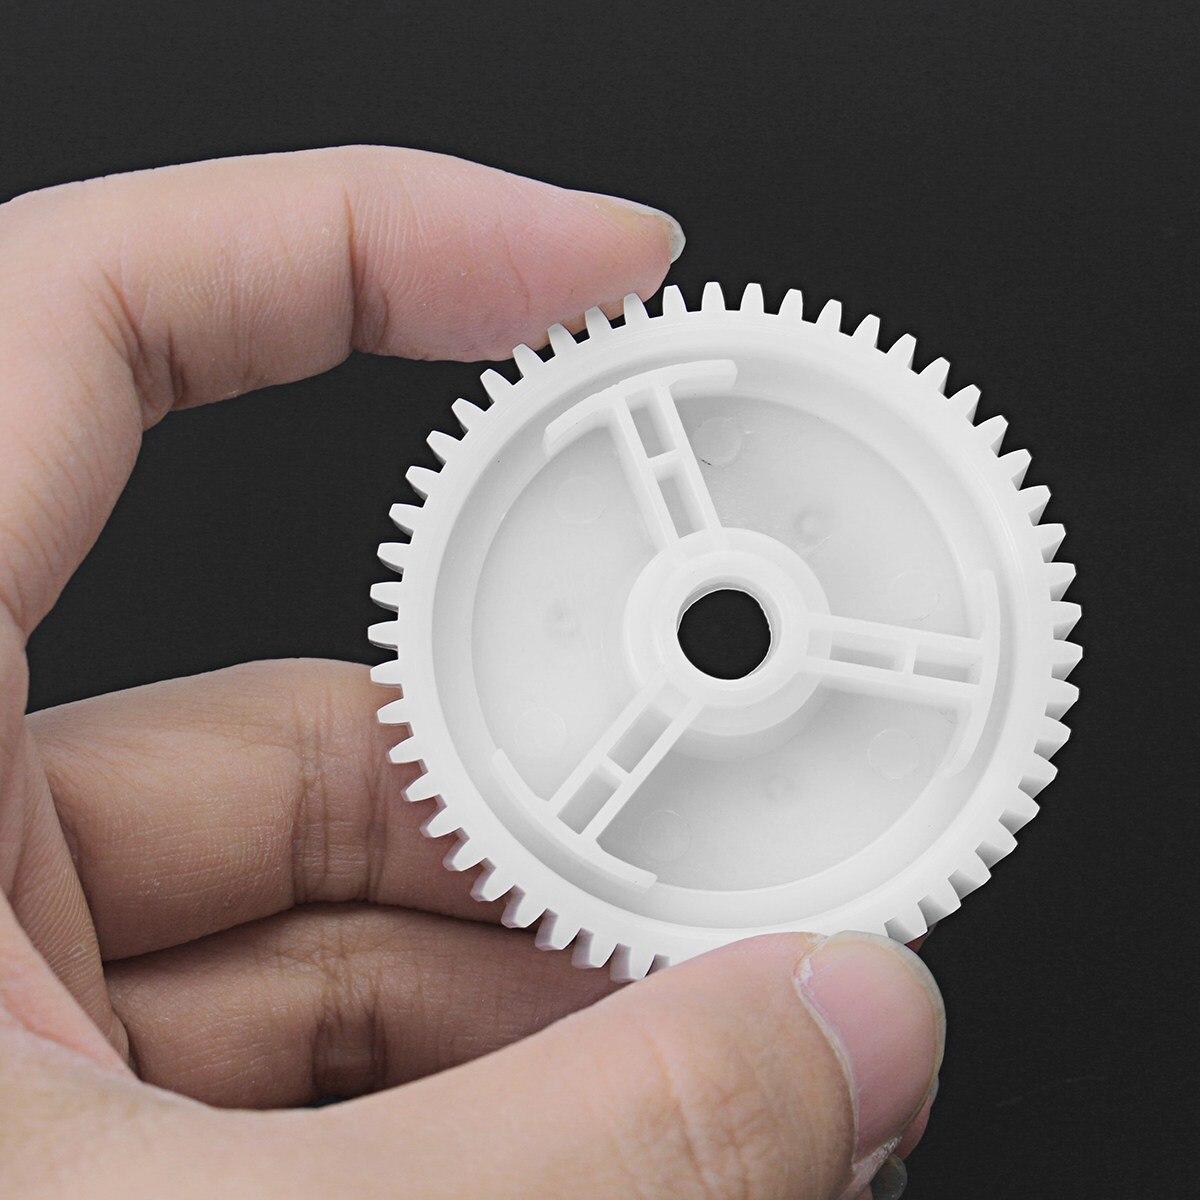 Hinten fenster regler einstellen motor Getriebe Vorne Ersatz Für Mazda 3 5 6 CX-7 CX-9 RX8 G22C 5958X G22C5958X